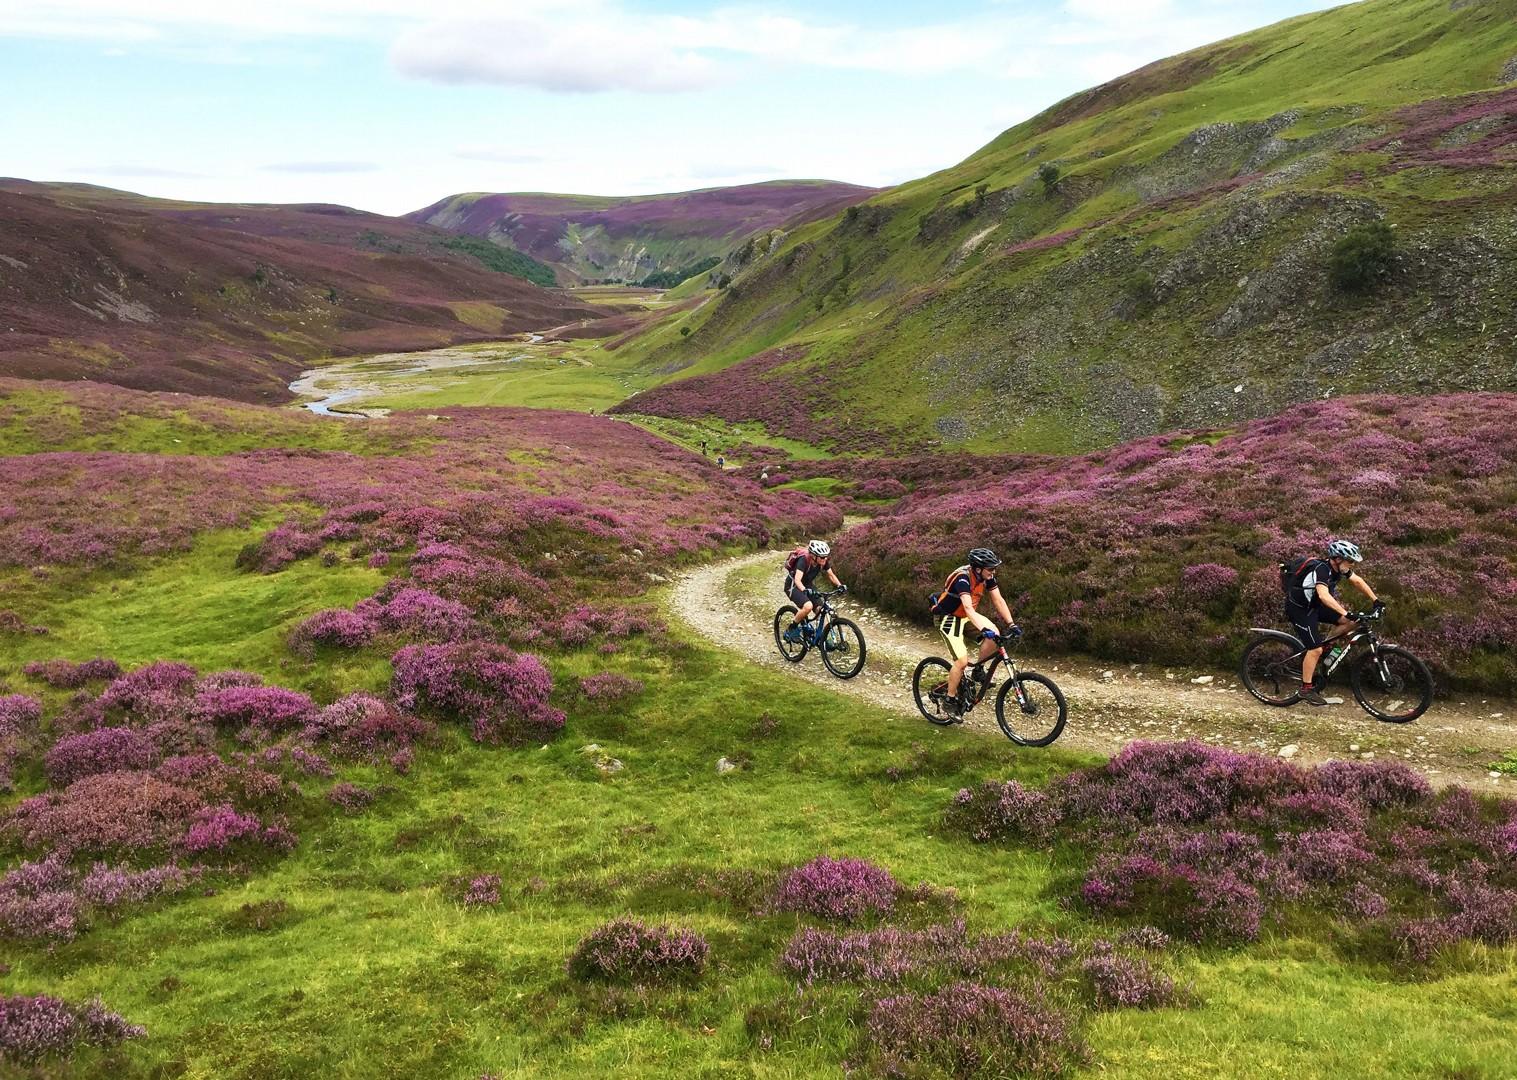 wilderness-mountain-biking-scottish-highlands.jpg - Scotland - Highlands Coast to Coast - Mountain Biking